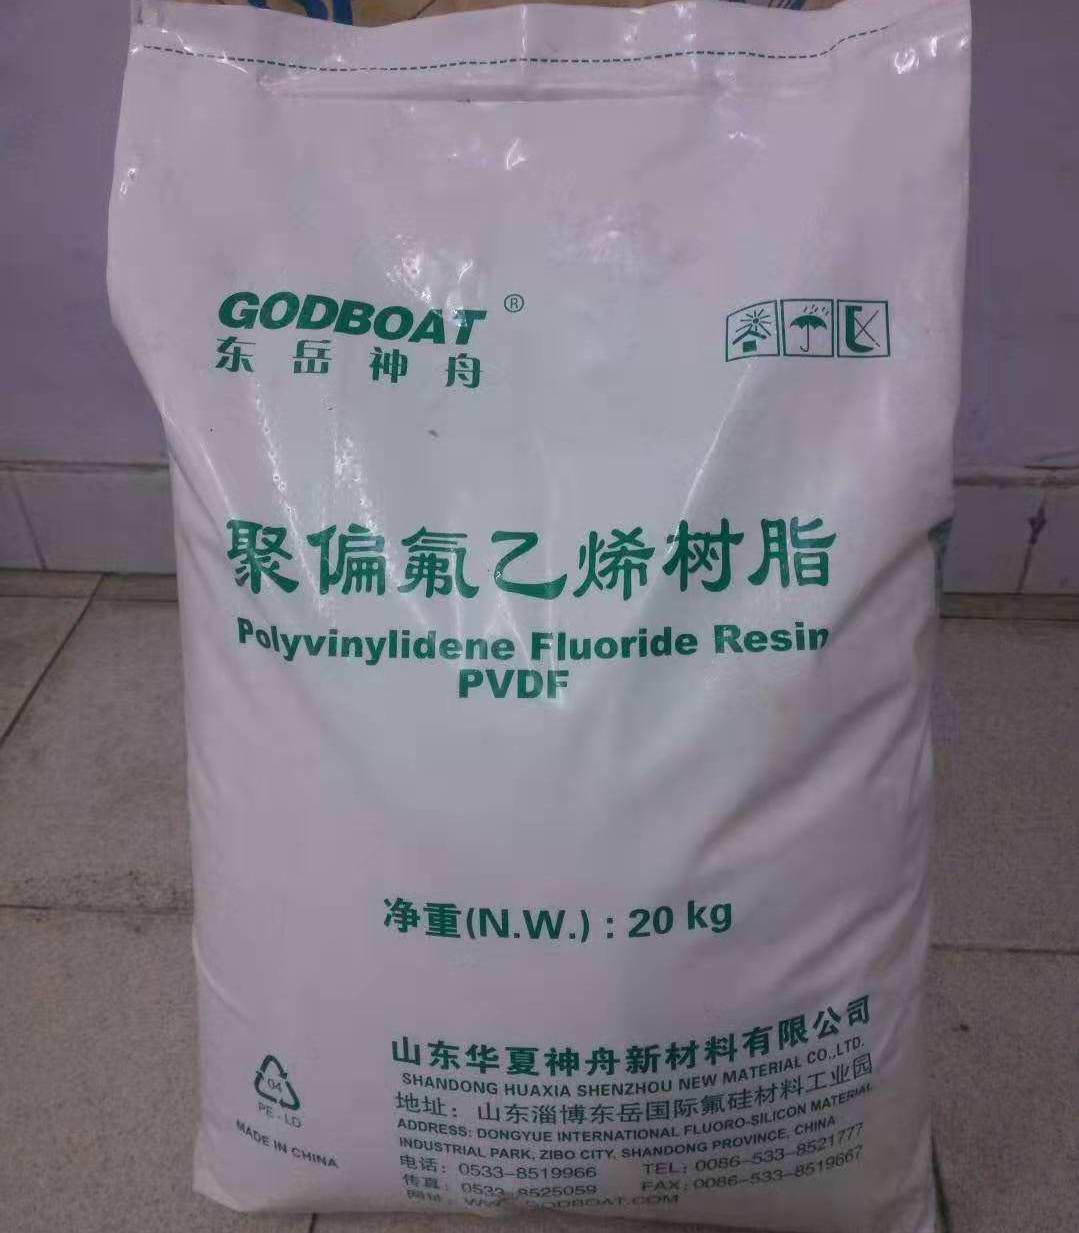 山東華夏神舟粉末涂料用PVDF氟樹脂(DS203 )